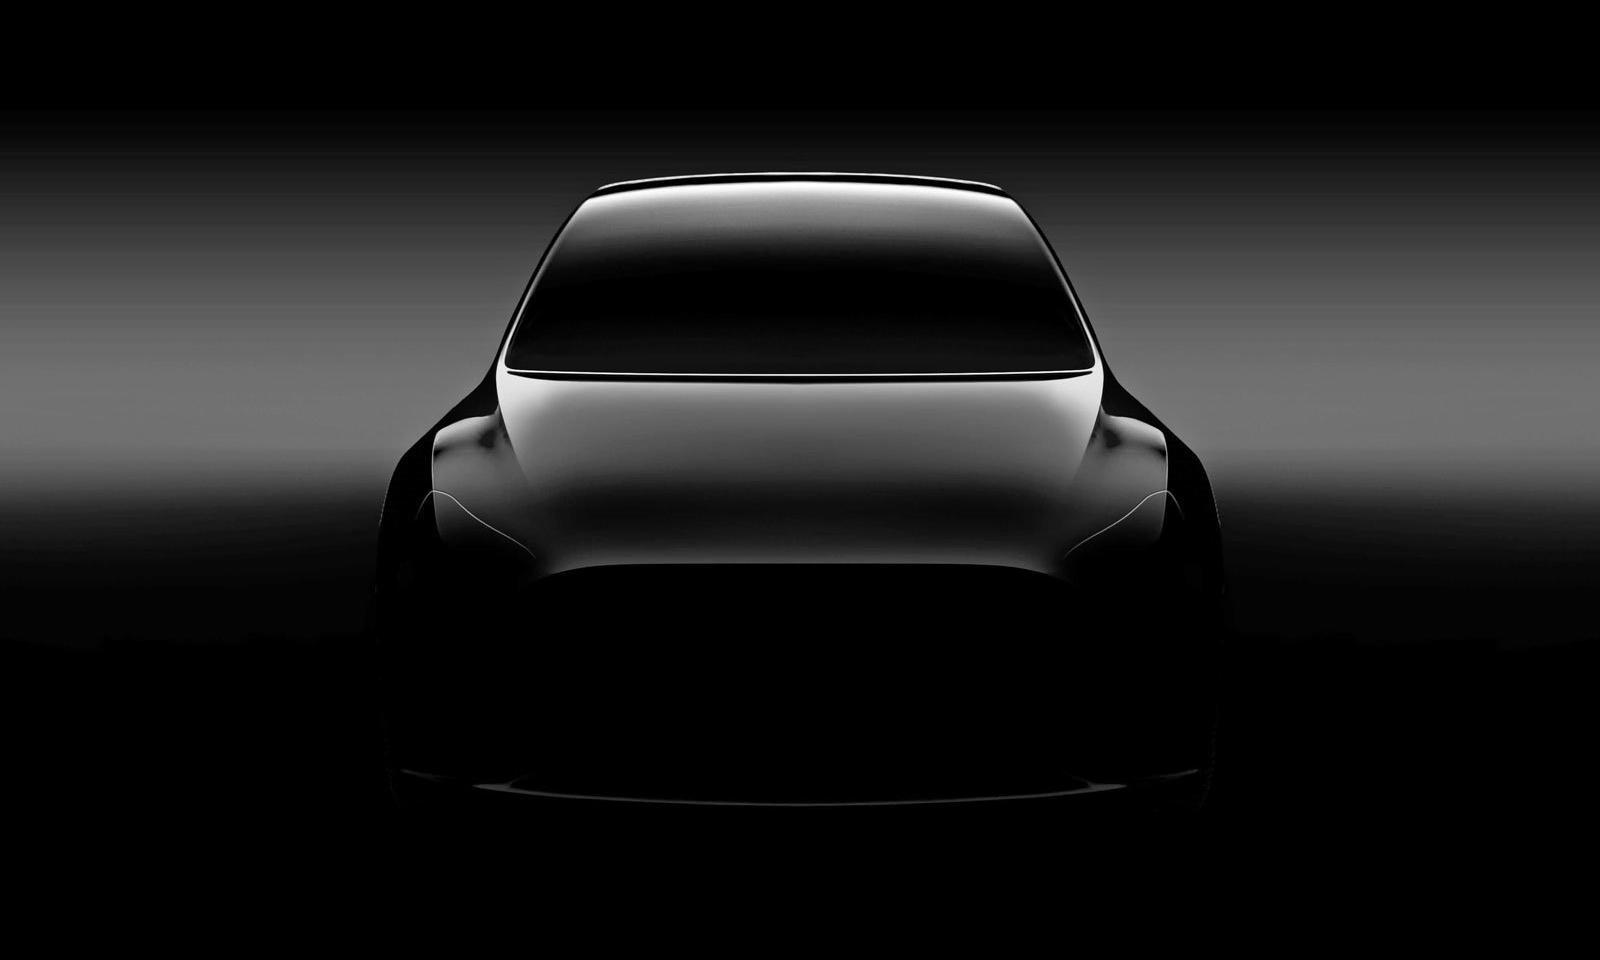 特斯拉新平价 SUV 车型 Model Y 将于本月 14 日正式发布